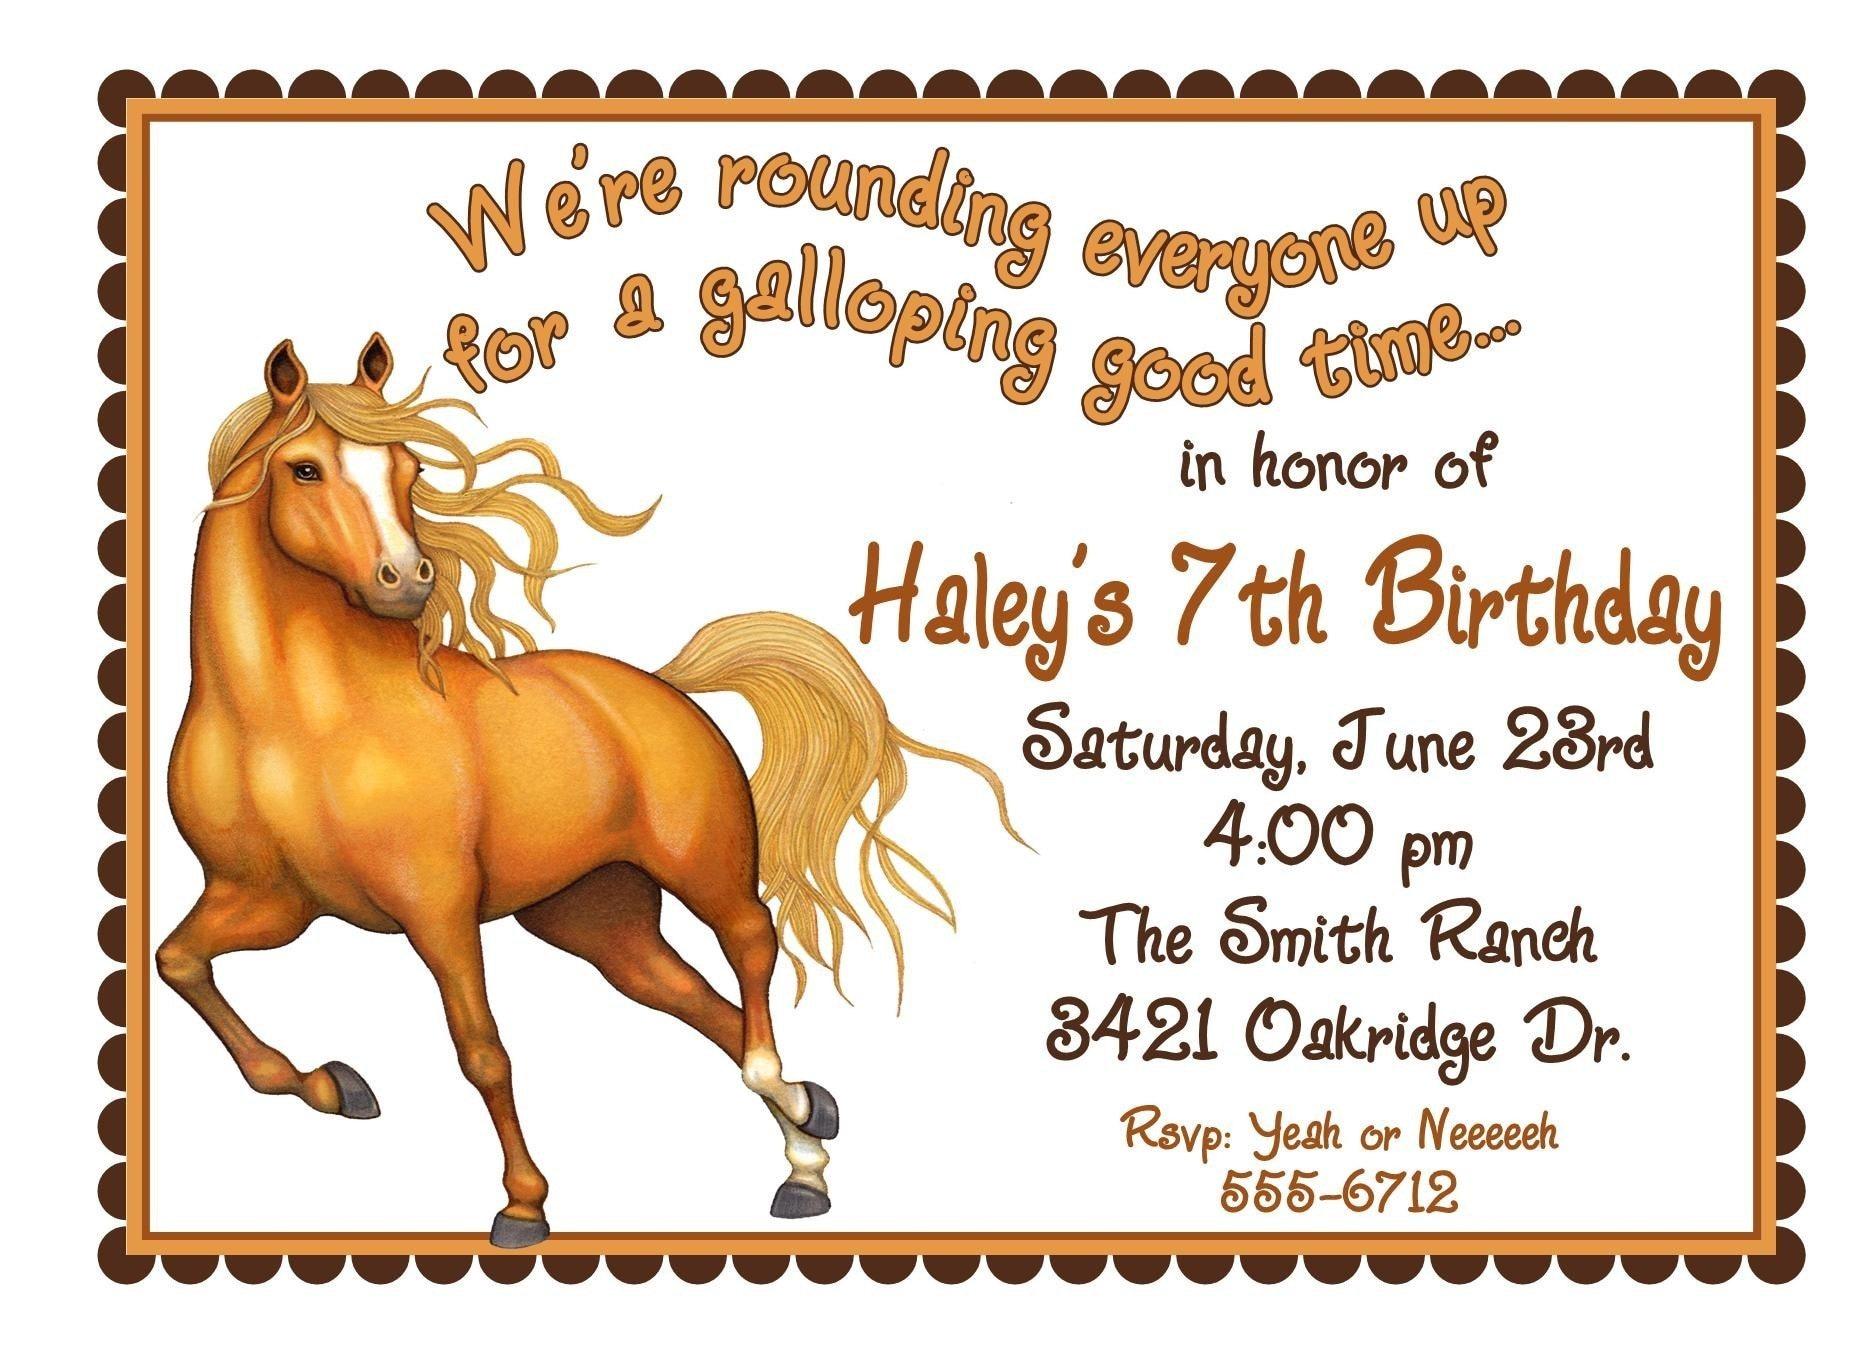 Horse Invitations Horse Birthday party invitations Horse – Horse Birthday Invitations